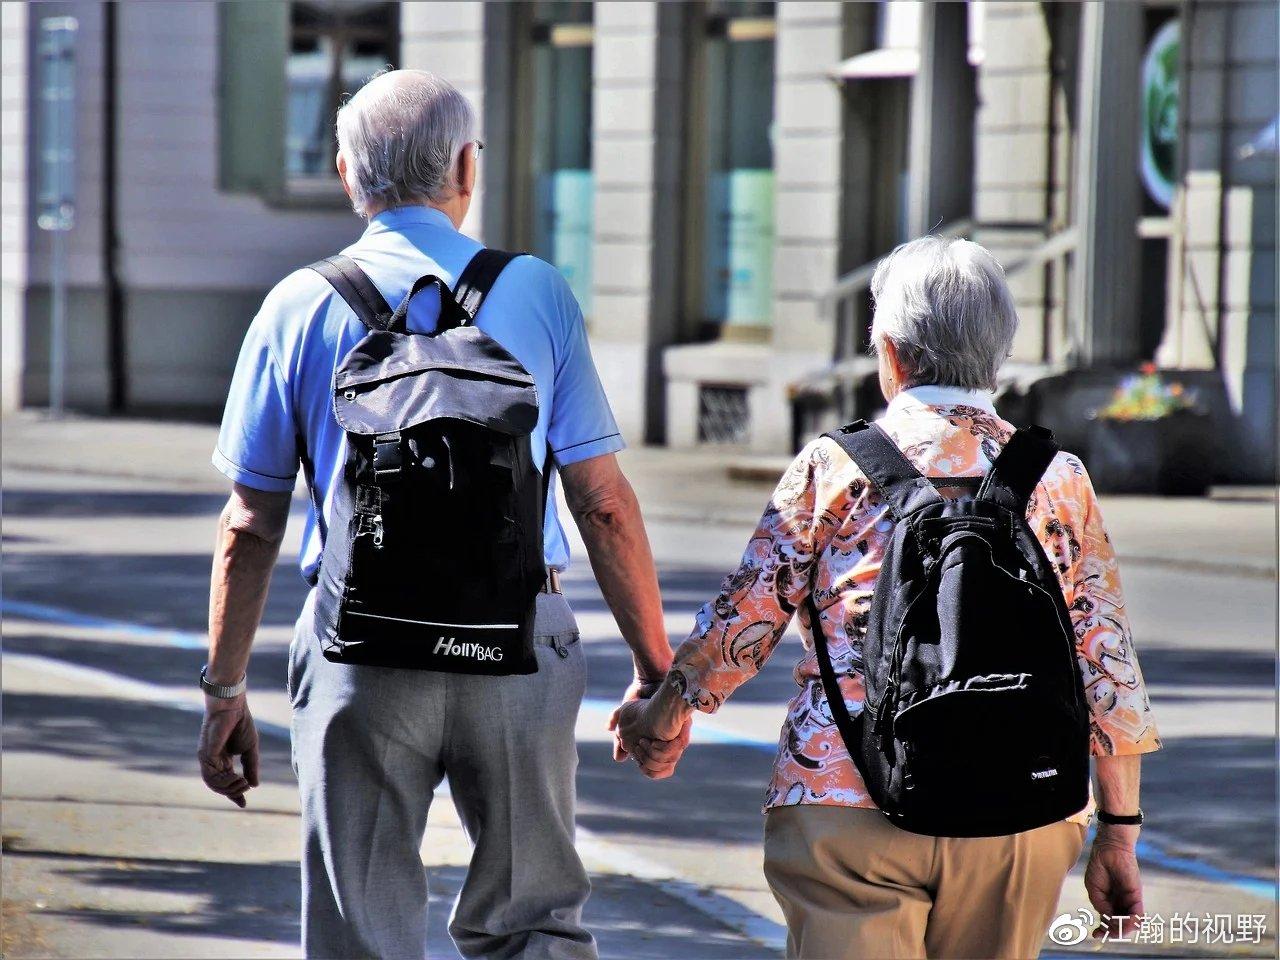 马光远:早退休是一种浪费?我们的退休年限真的太早了吗?